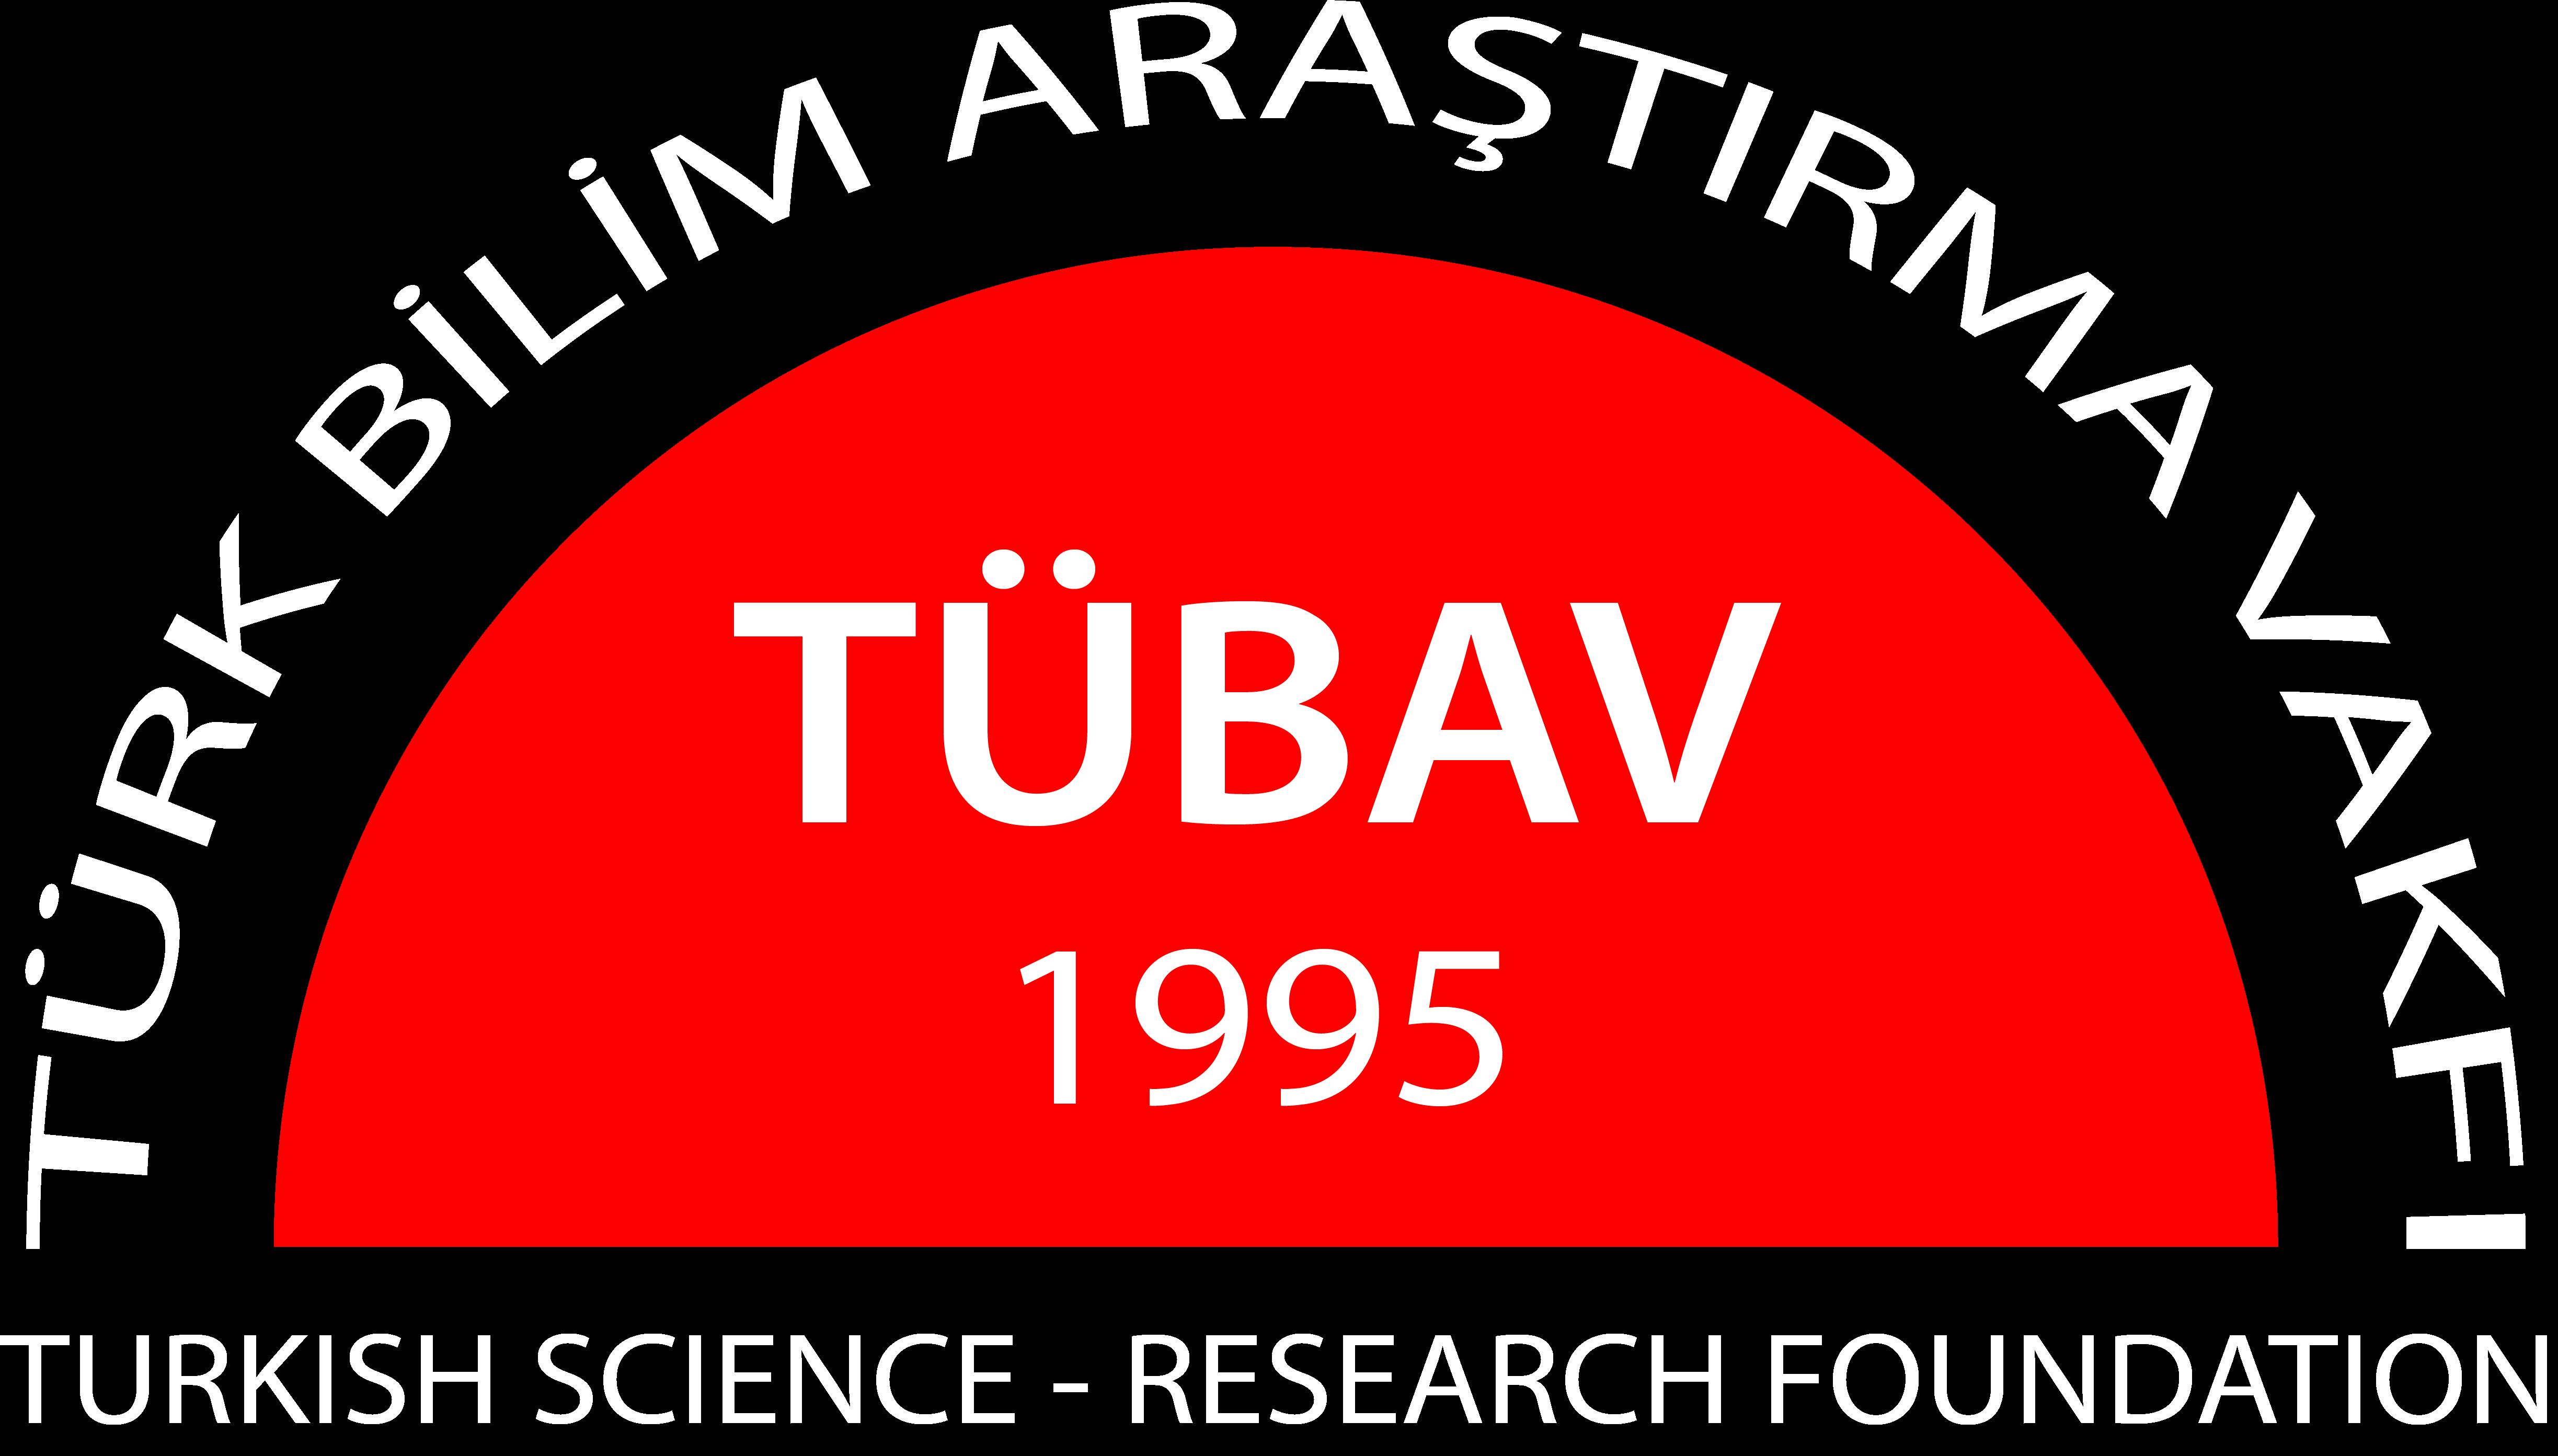 TUBAV